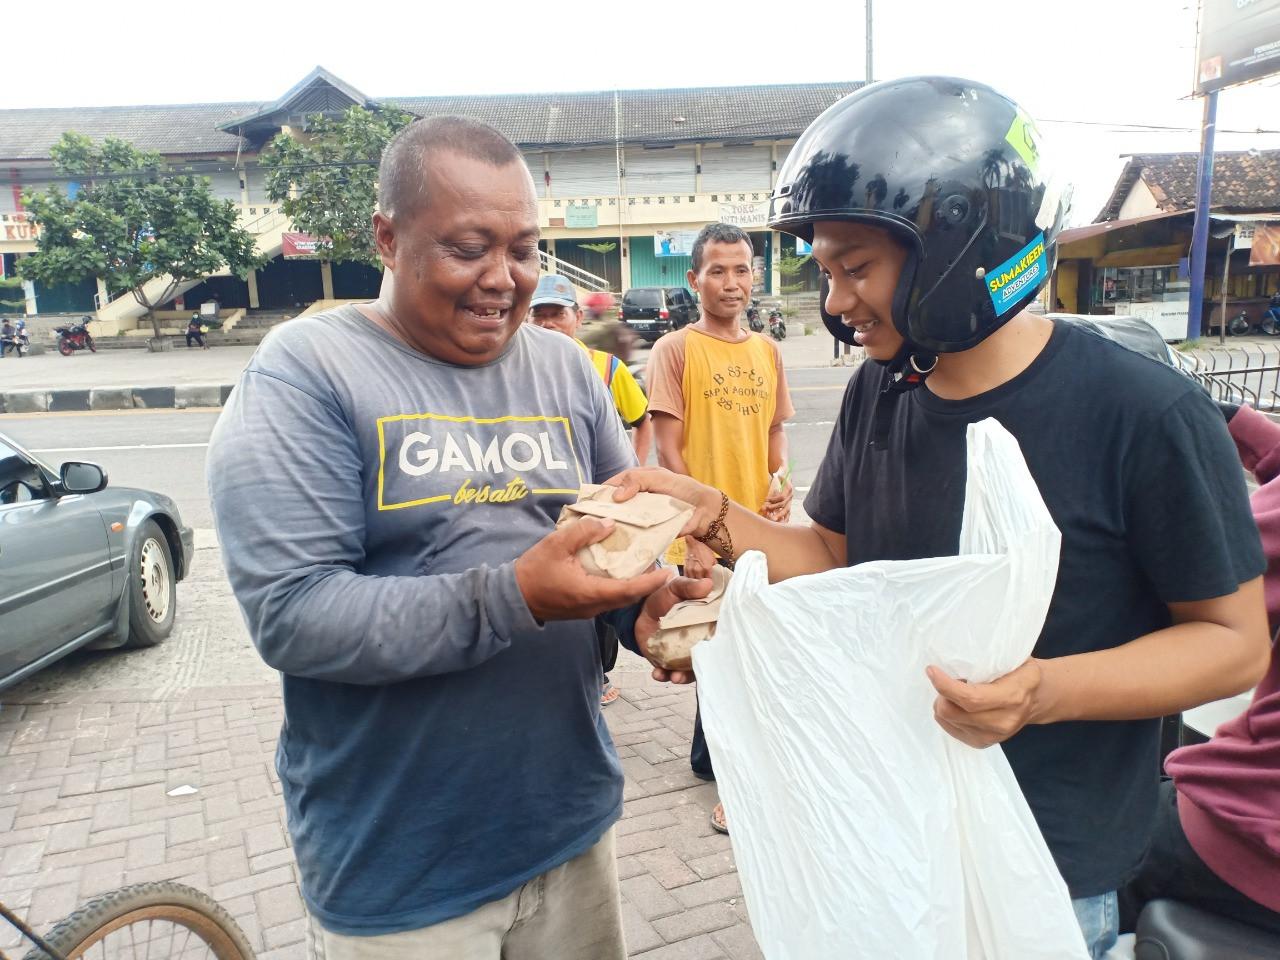 Solidarity, unity emerging in pandemic